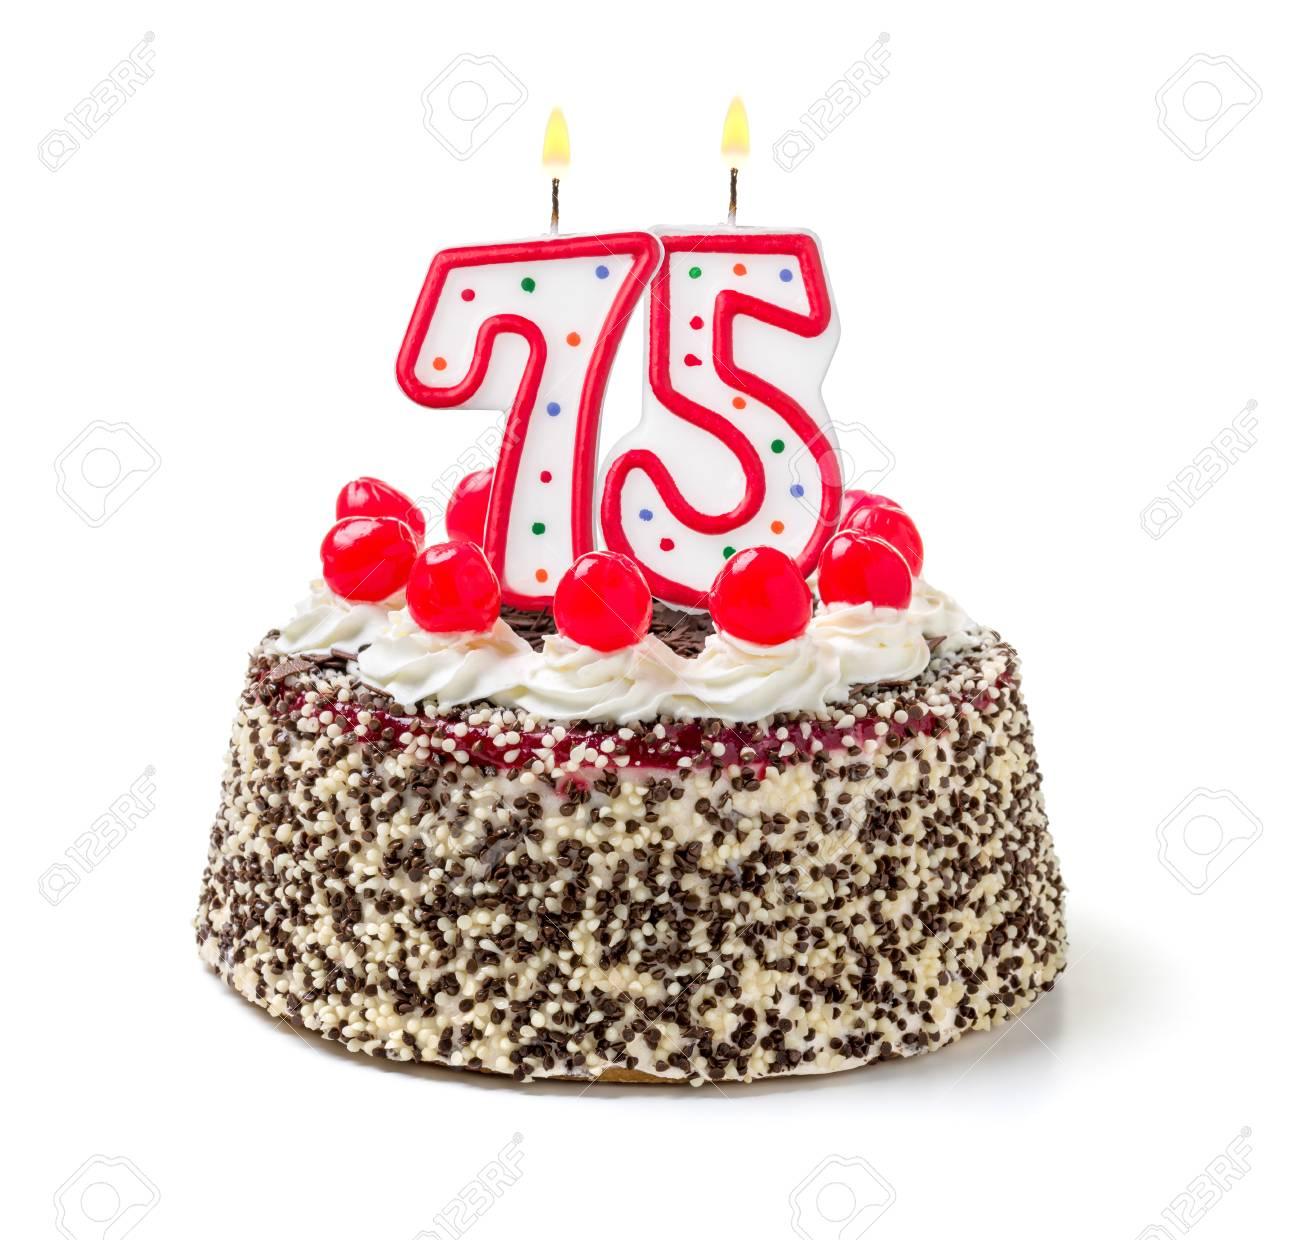 Gâteau Danniversaire Avec Le Numéro Combustion De Bougie 75